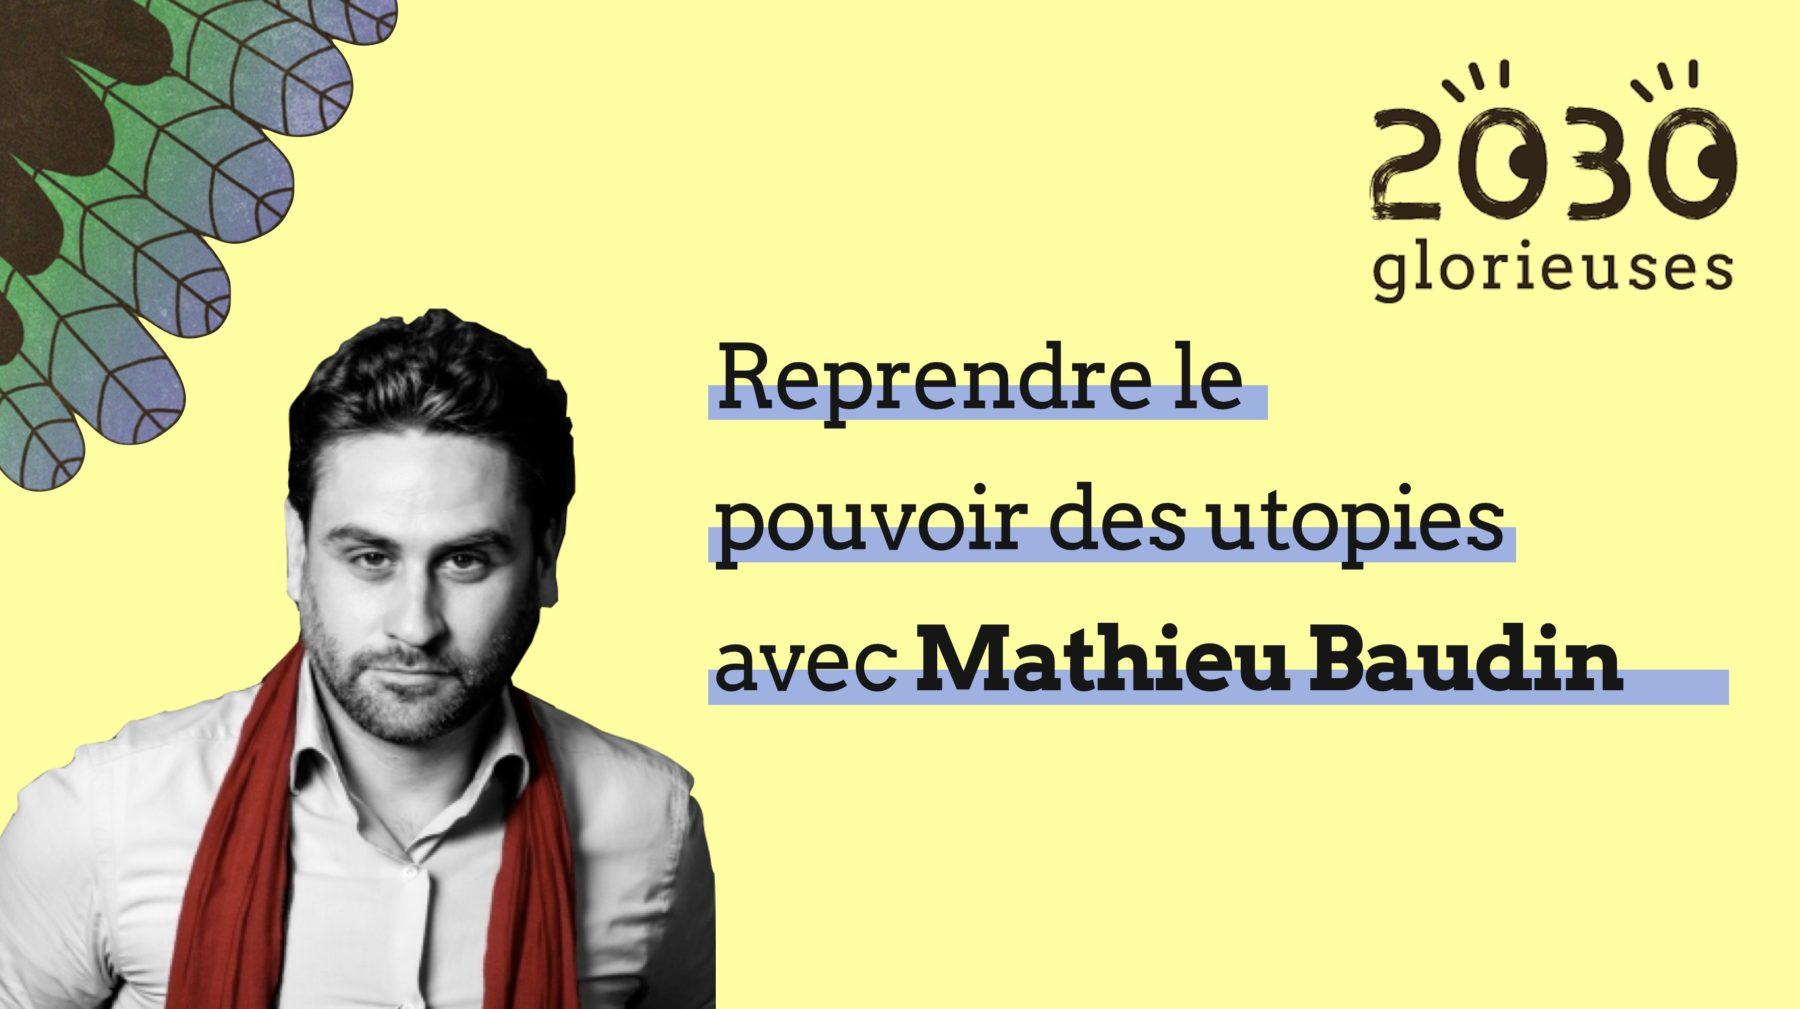 Le pouvoir des utopies avec Mathieu Baudin